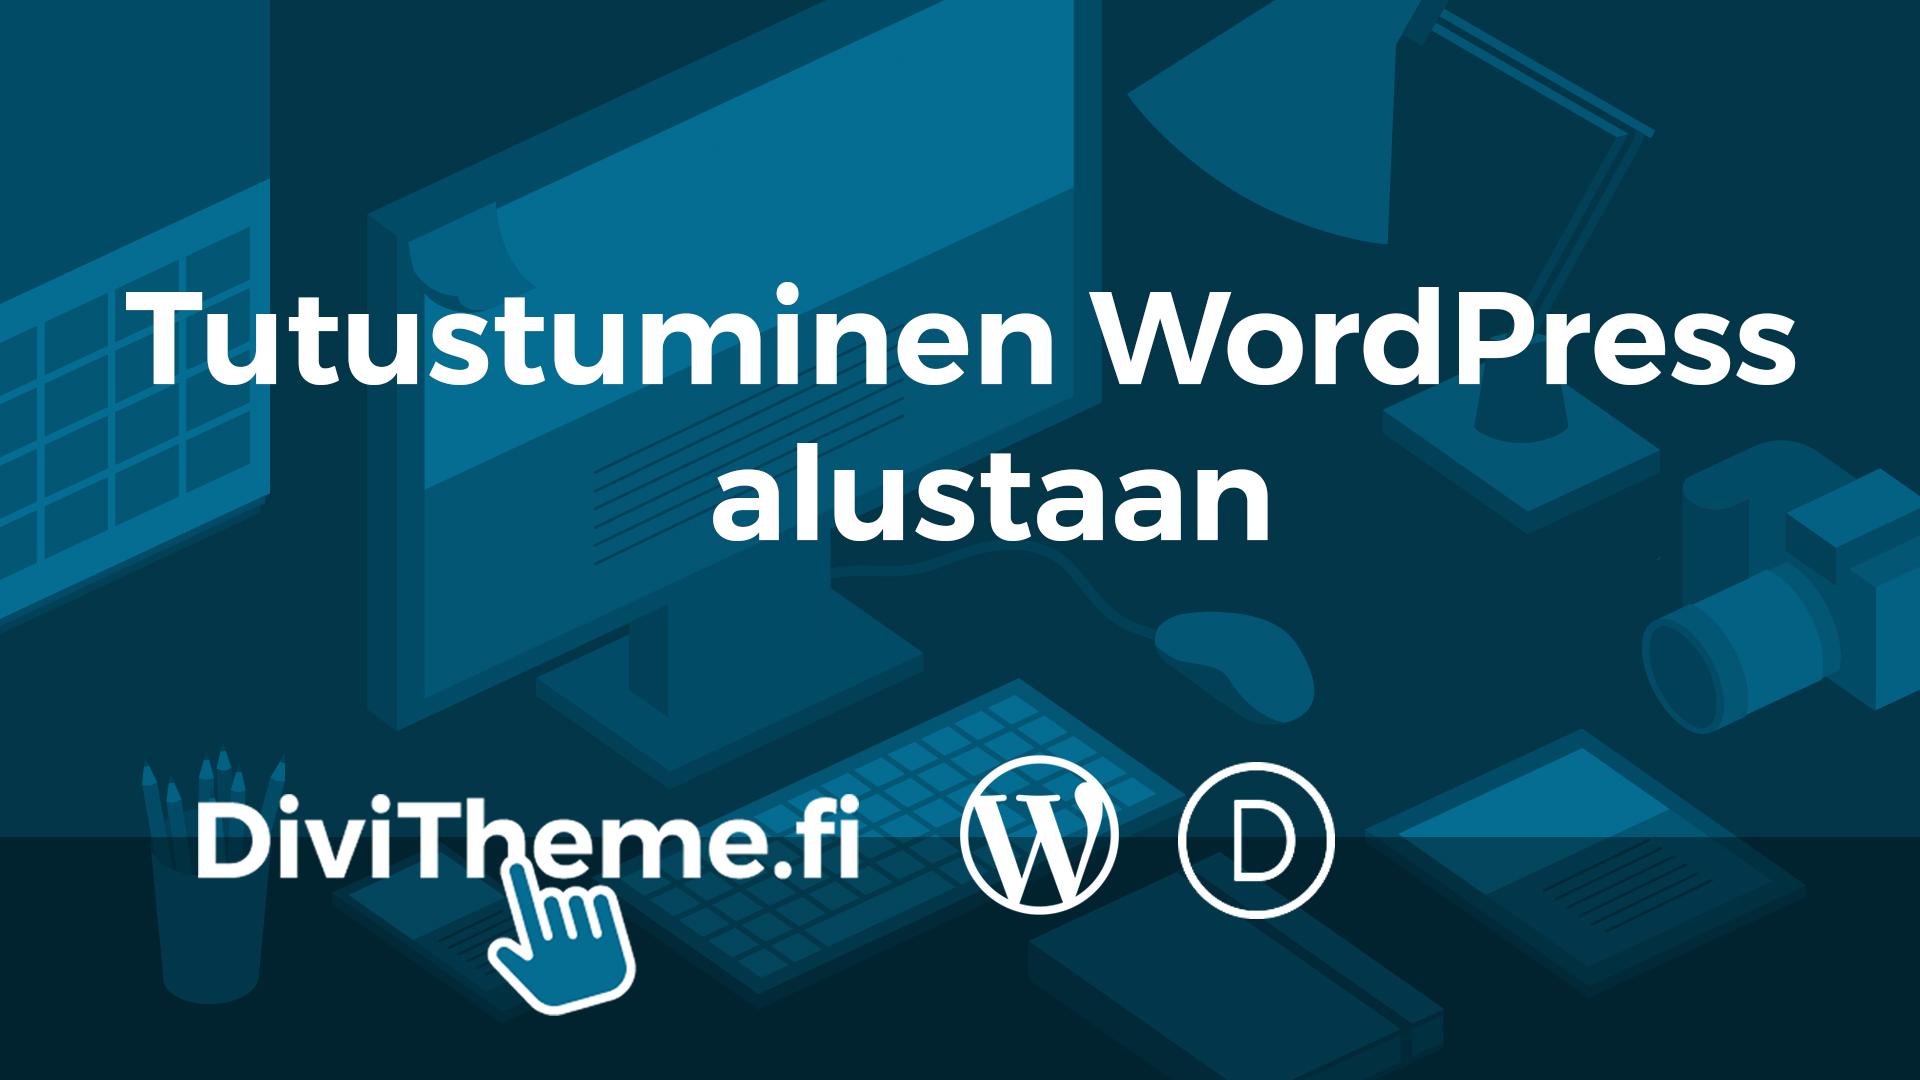 WordPress Kotisivut ja tutustuminen alustaan